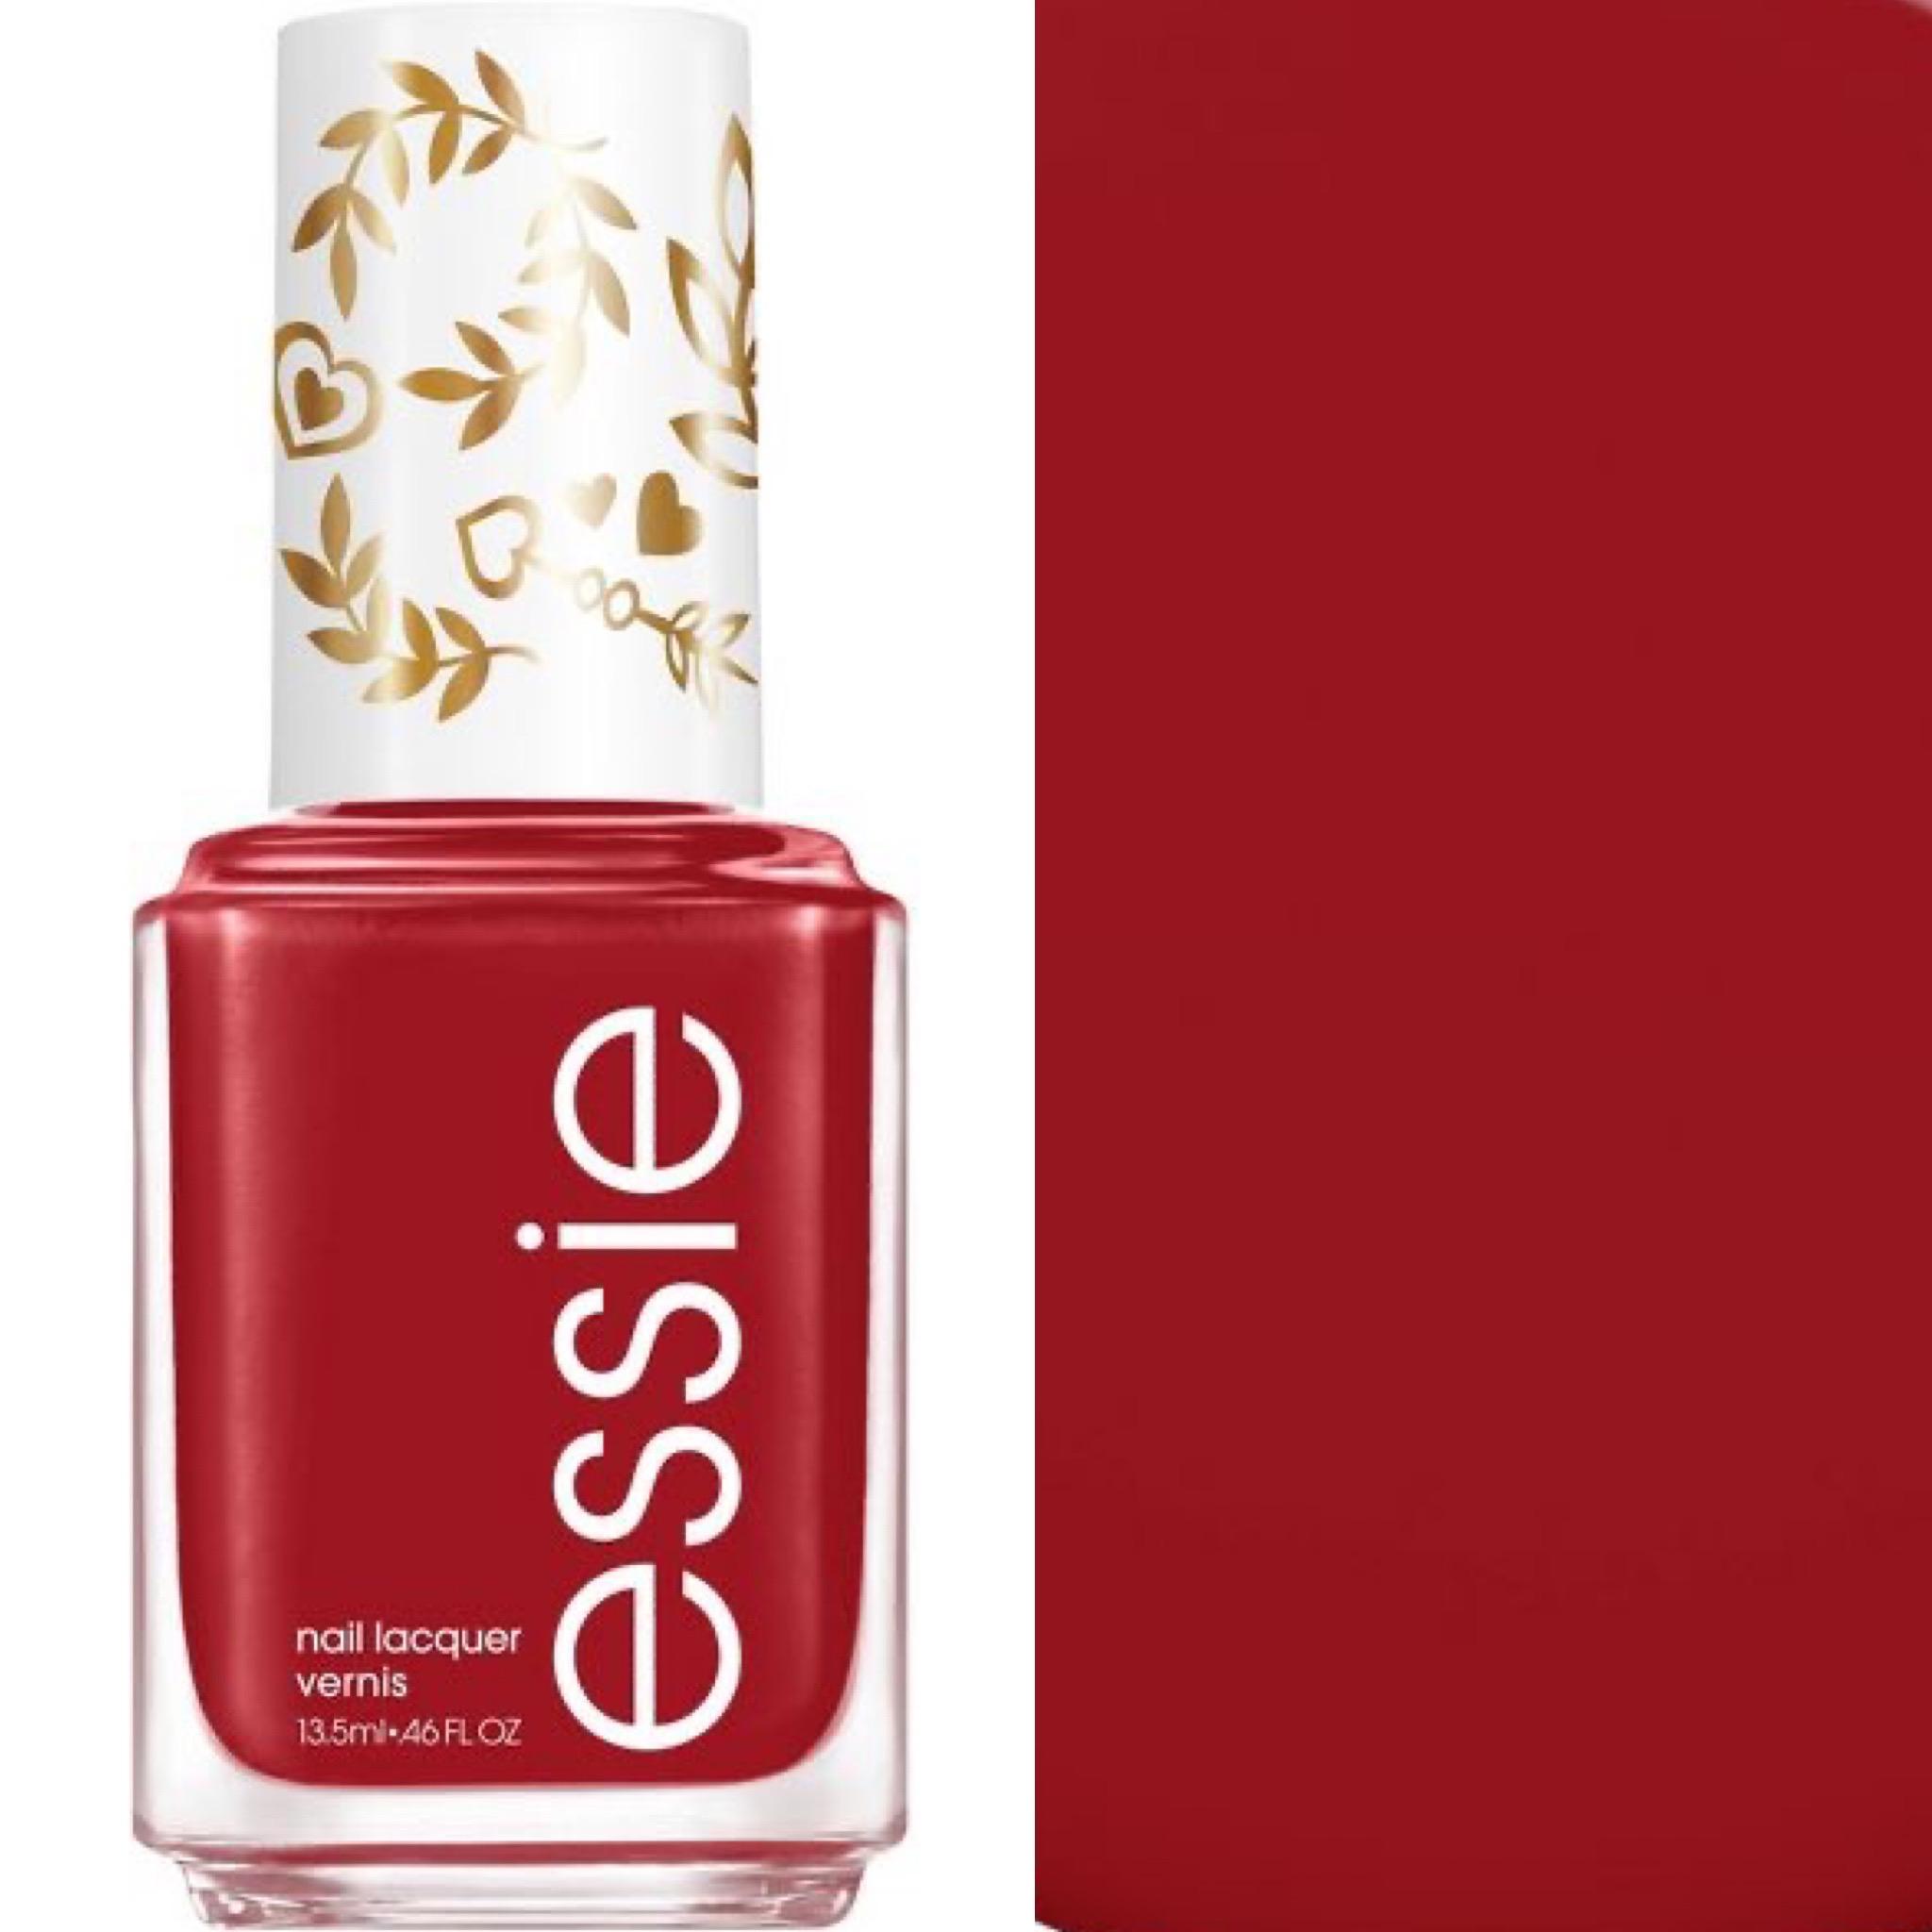 Essie Cupid's Beau Valentine's Day Collection